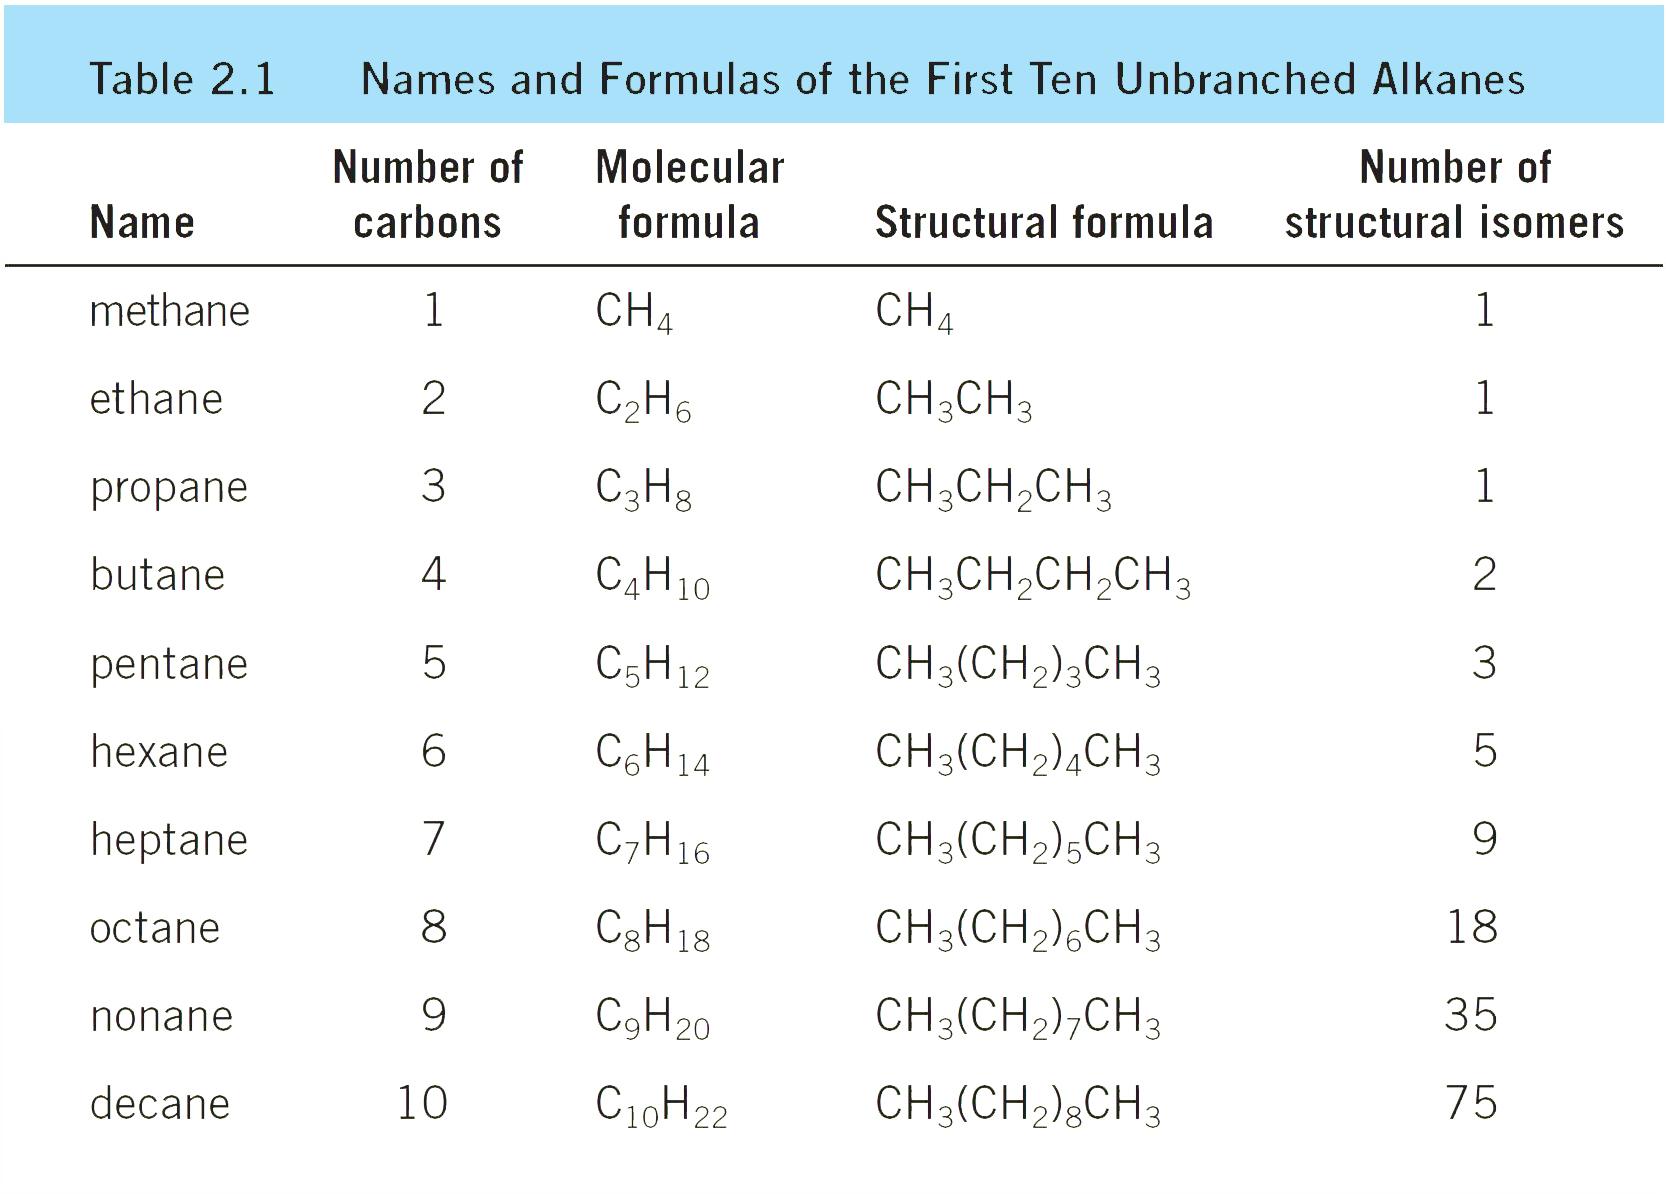 الألكانات و الألكانات الحلقية و التصاوغ الهئية و الهيكلي Alkanes and Cycloalkanes; Conformational and Geometric Isomerism